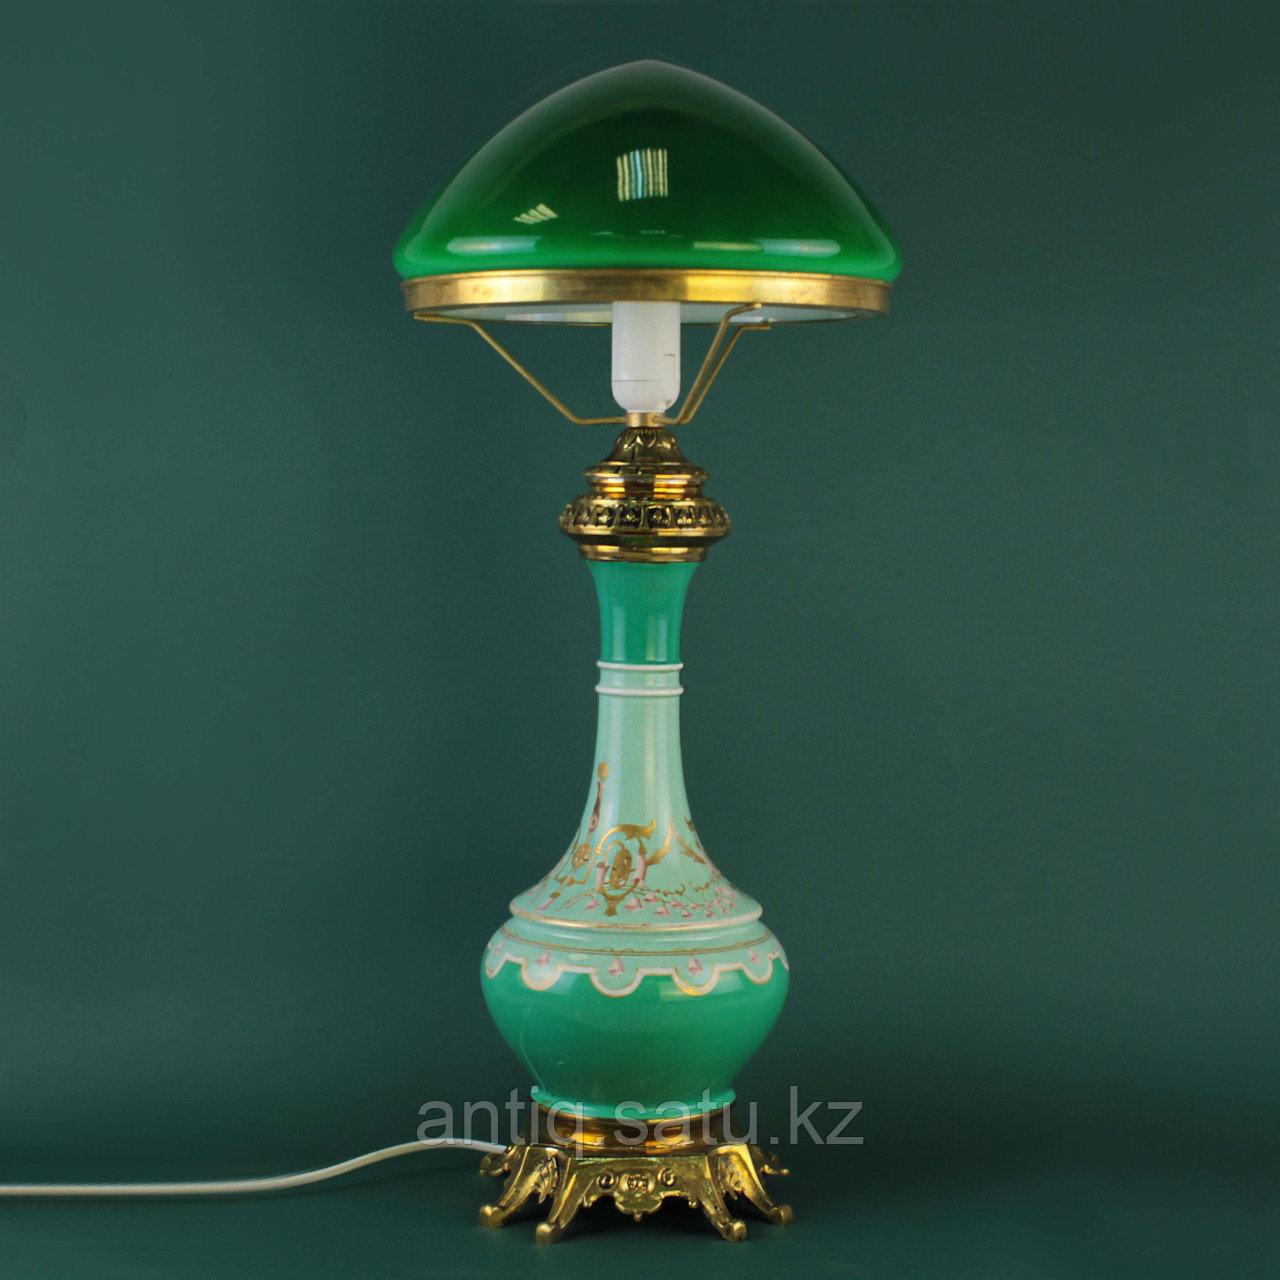 Настольная лампа с зеленым куполом. - фото 4